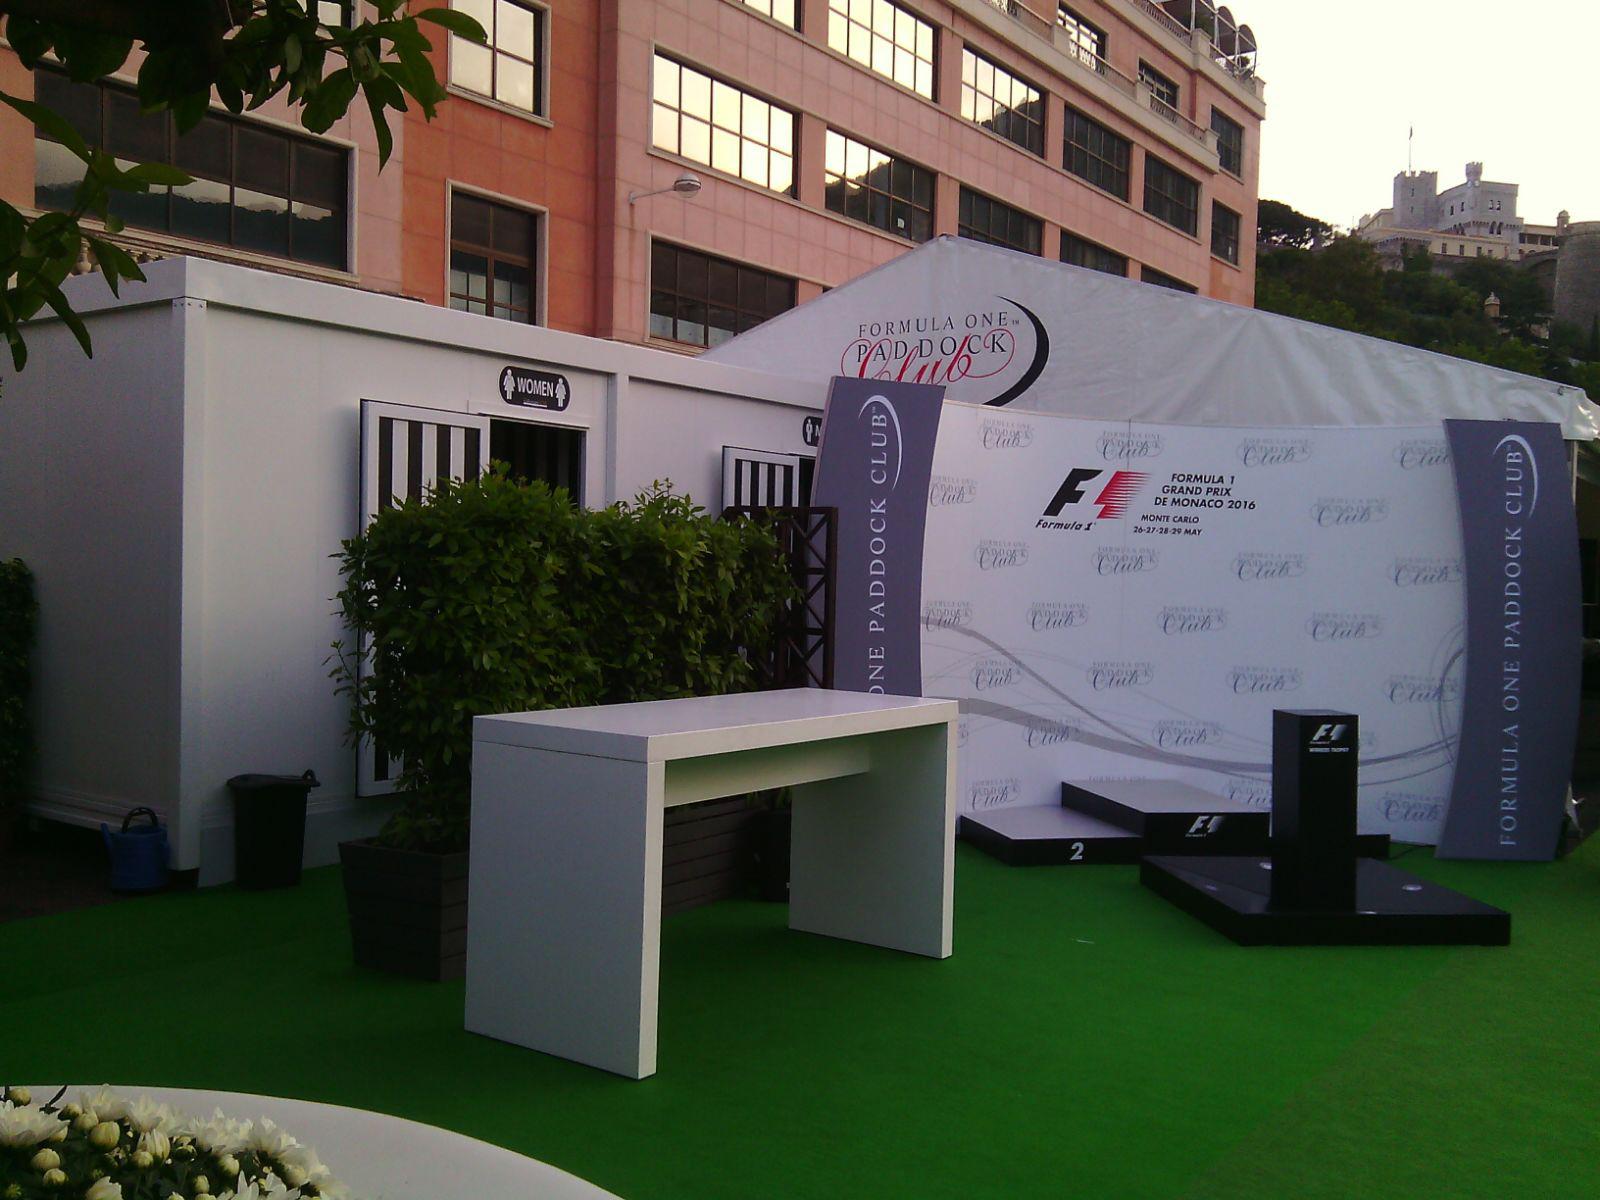 Mobili Di Lusso Veneto : Gran premio di montecarlo per le classtoilet tailorsan noleggio wc